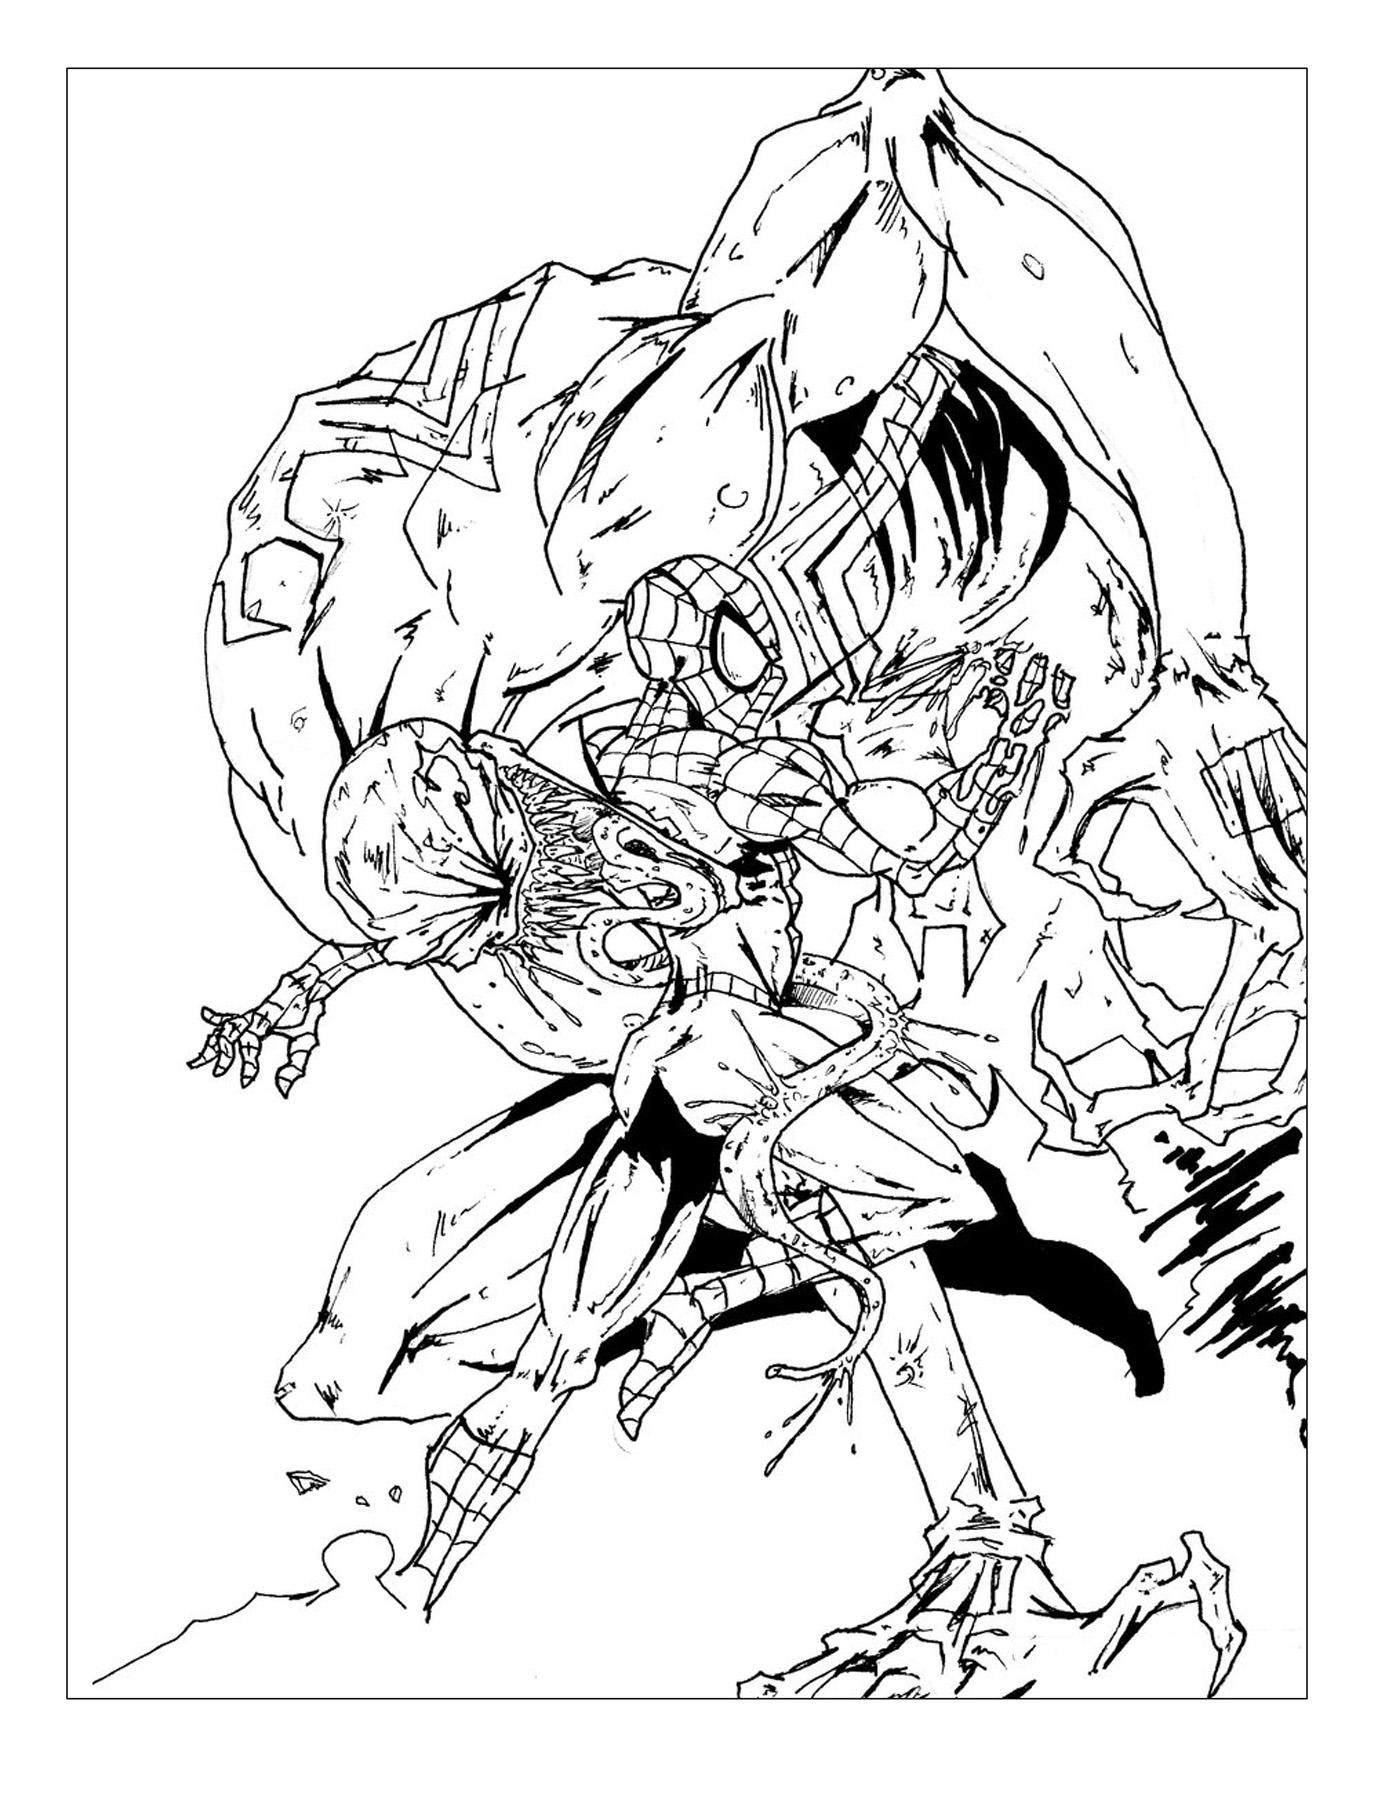 Livres et comics coloriages difficiles pour adultes coloriage spiderman contre ennemi - Coloriage venom ...